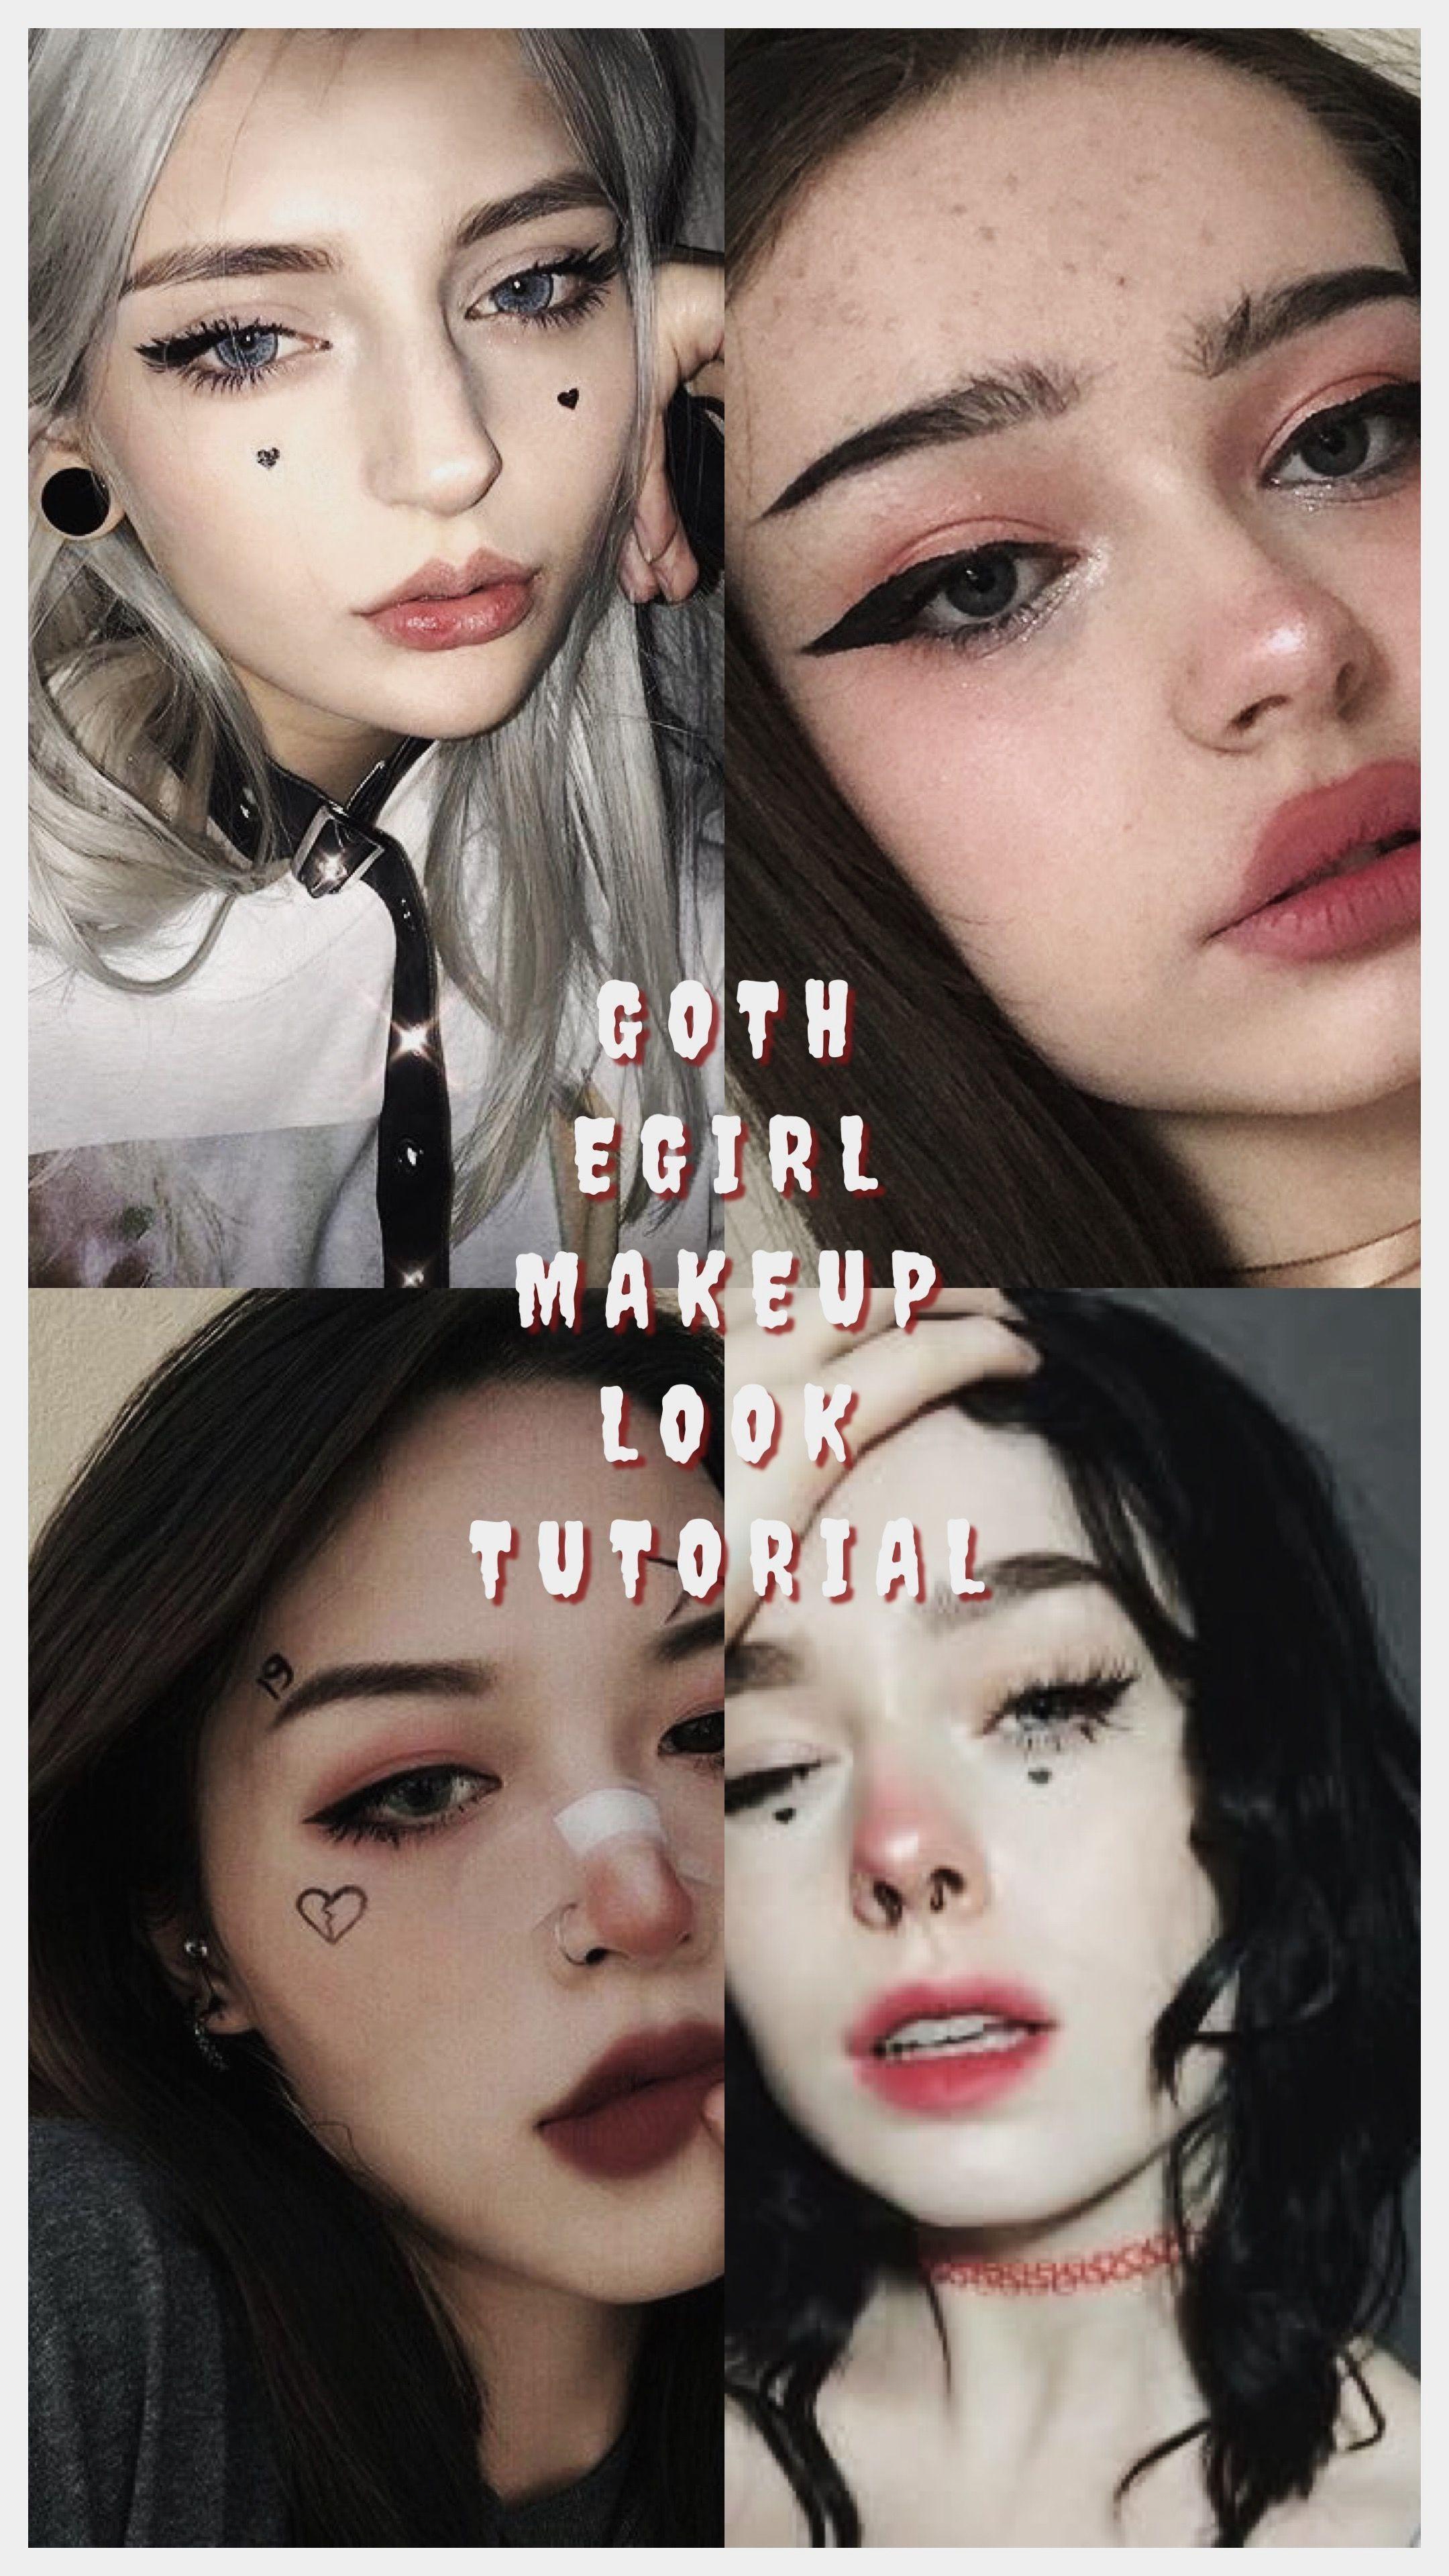 Egirl Makeup In 2020 Edgy Makeup Goth Makeup Carnival Makeup